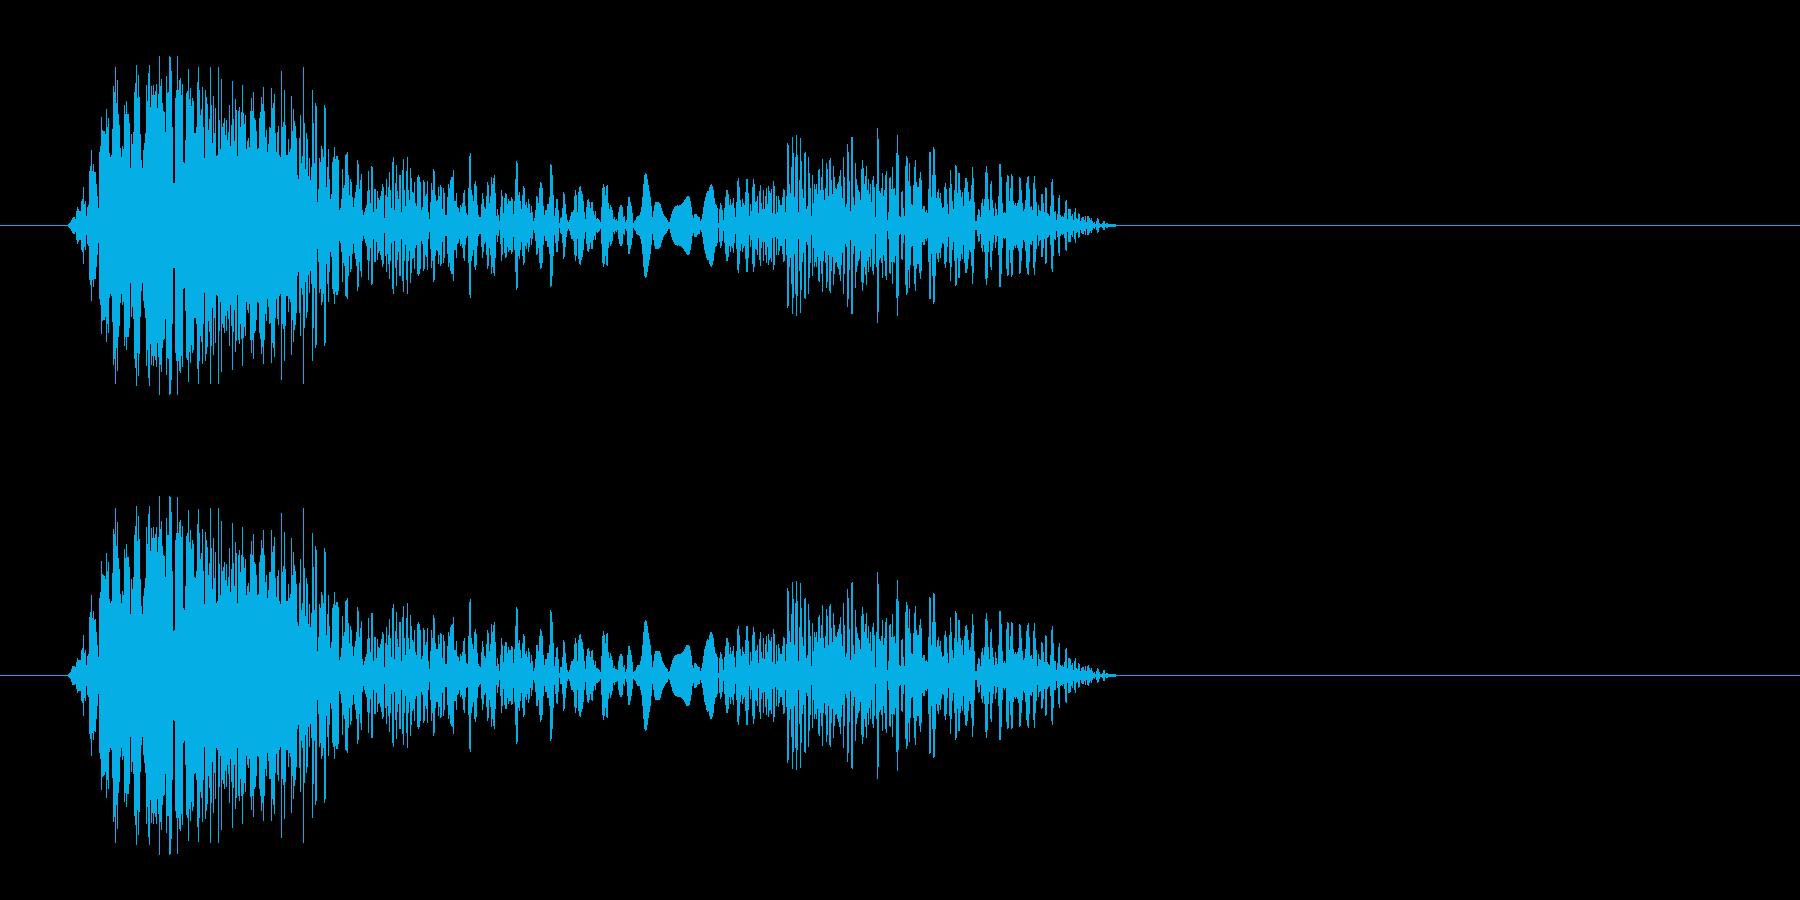 ピドッ(何かが張り付いたような効果音)の再生済みの波形